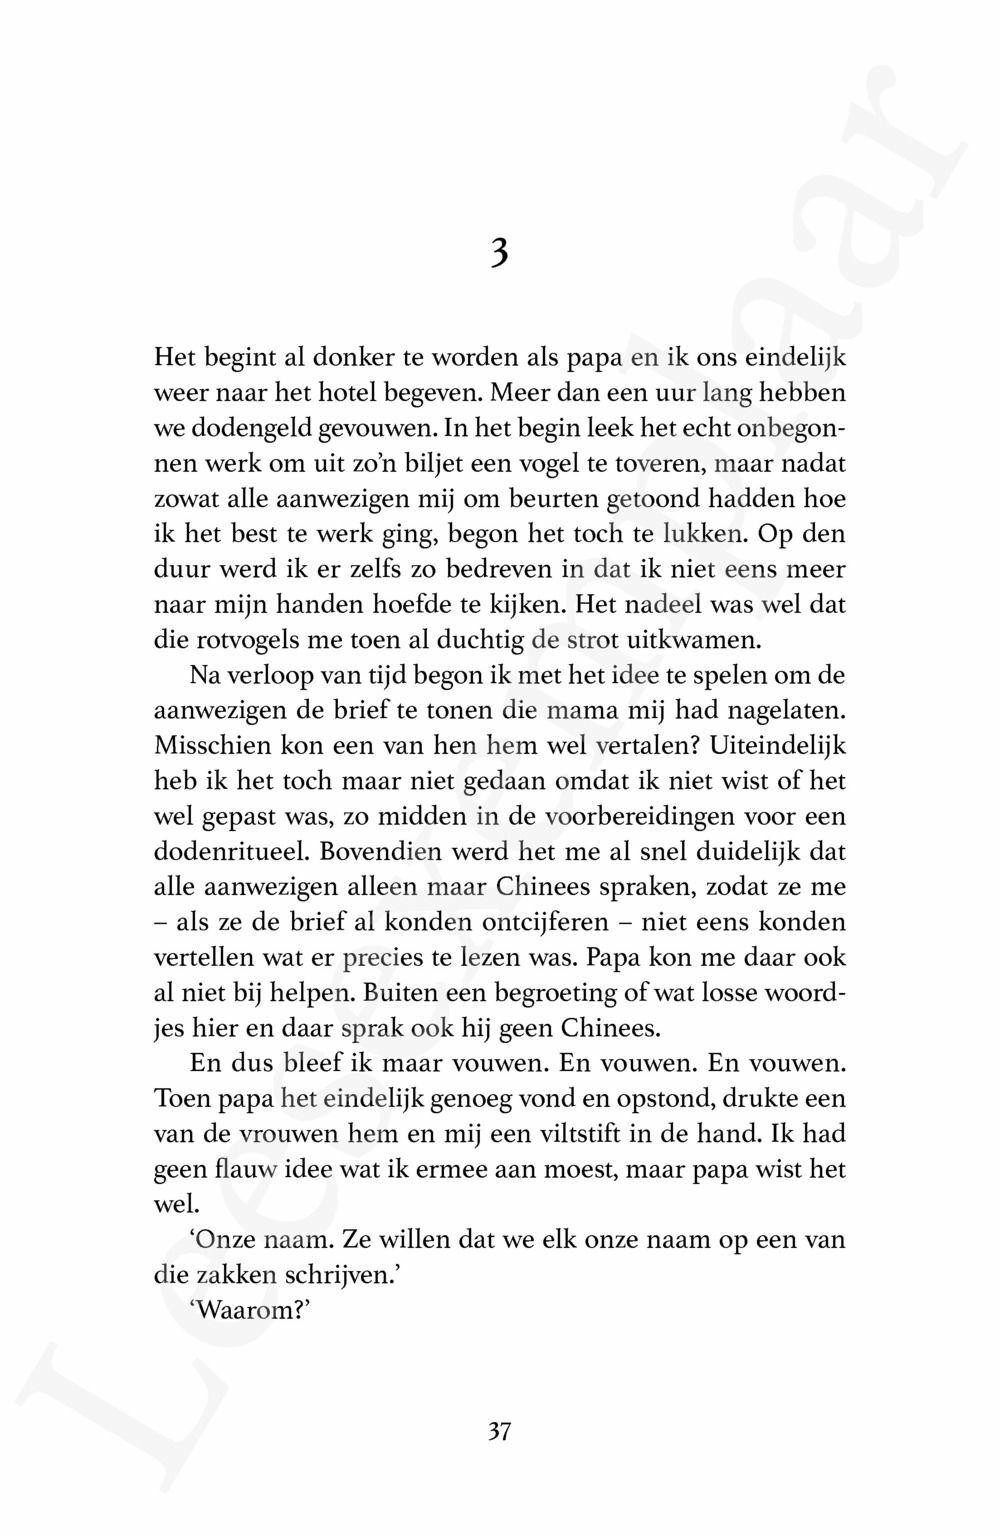 Preview: De wraak van de jakjongen